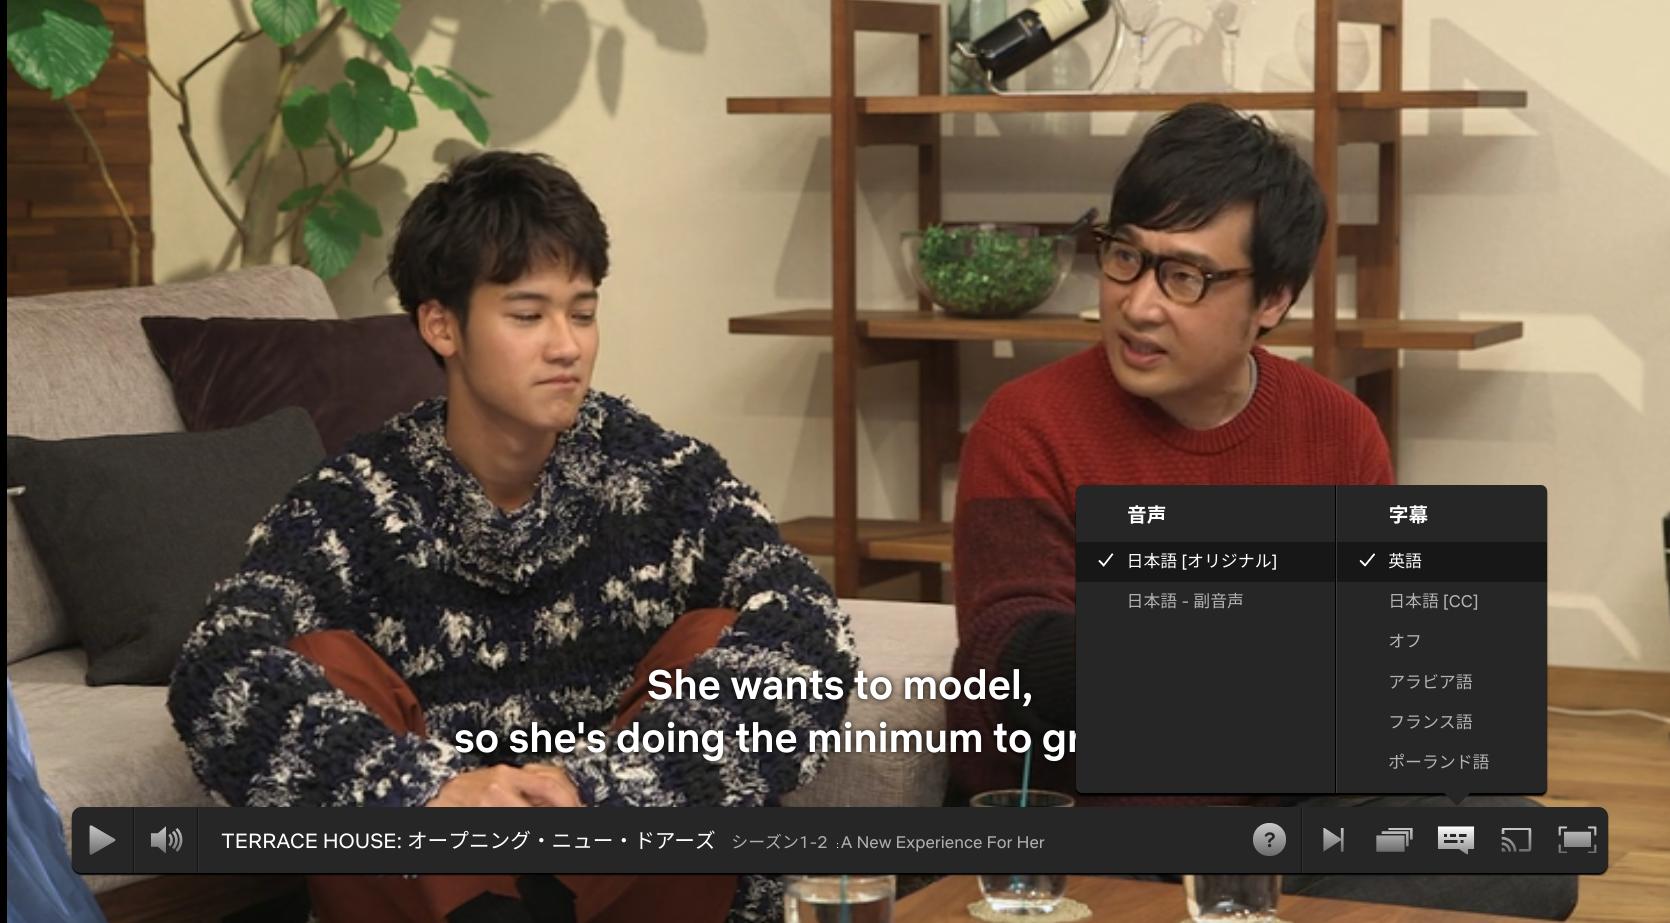 Screenshot 2018-09-16 at 14.02.12